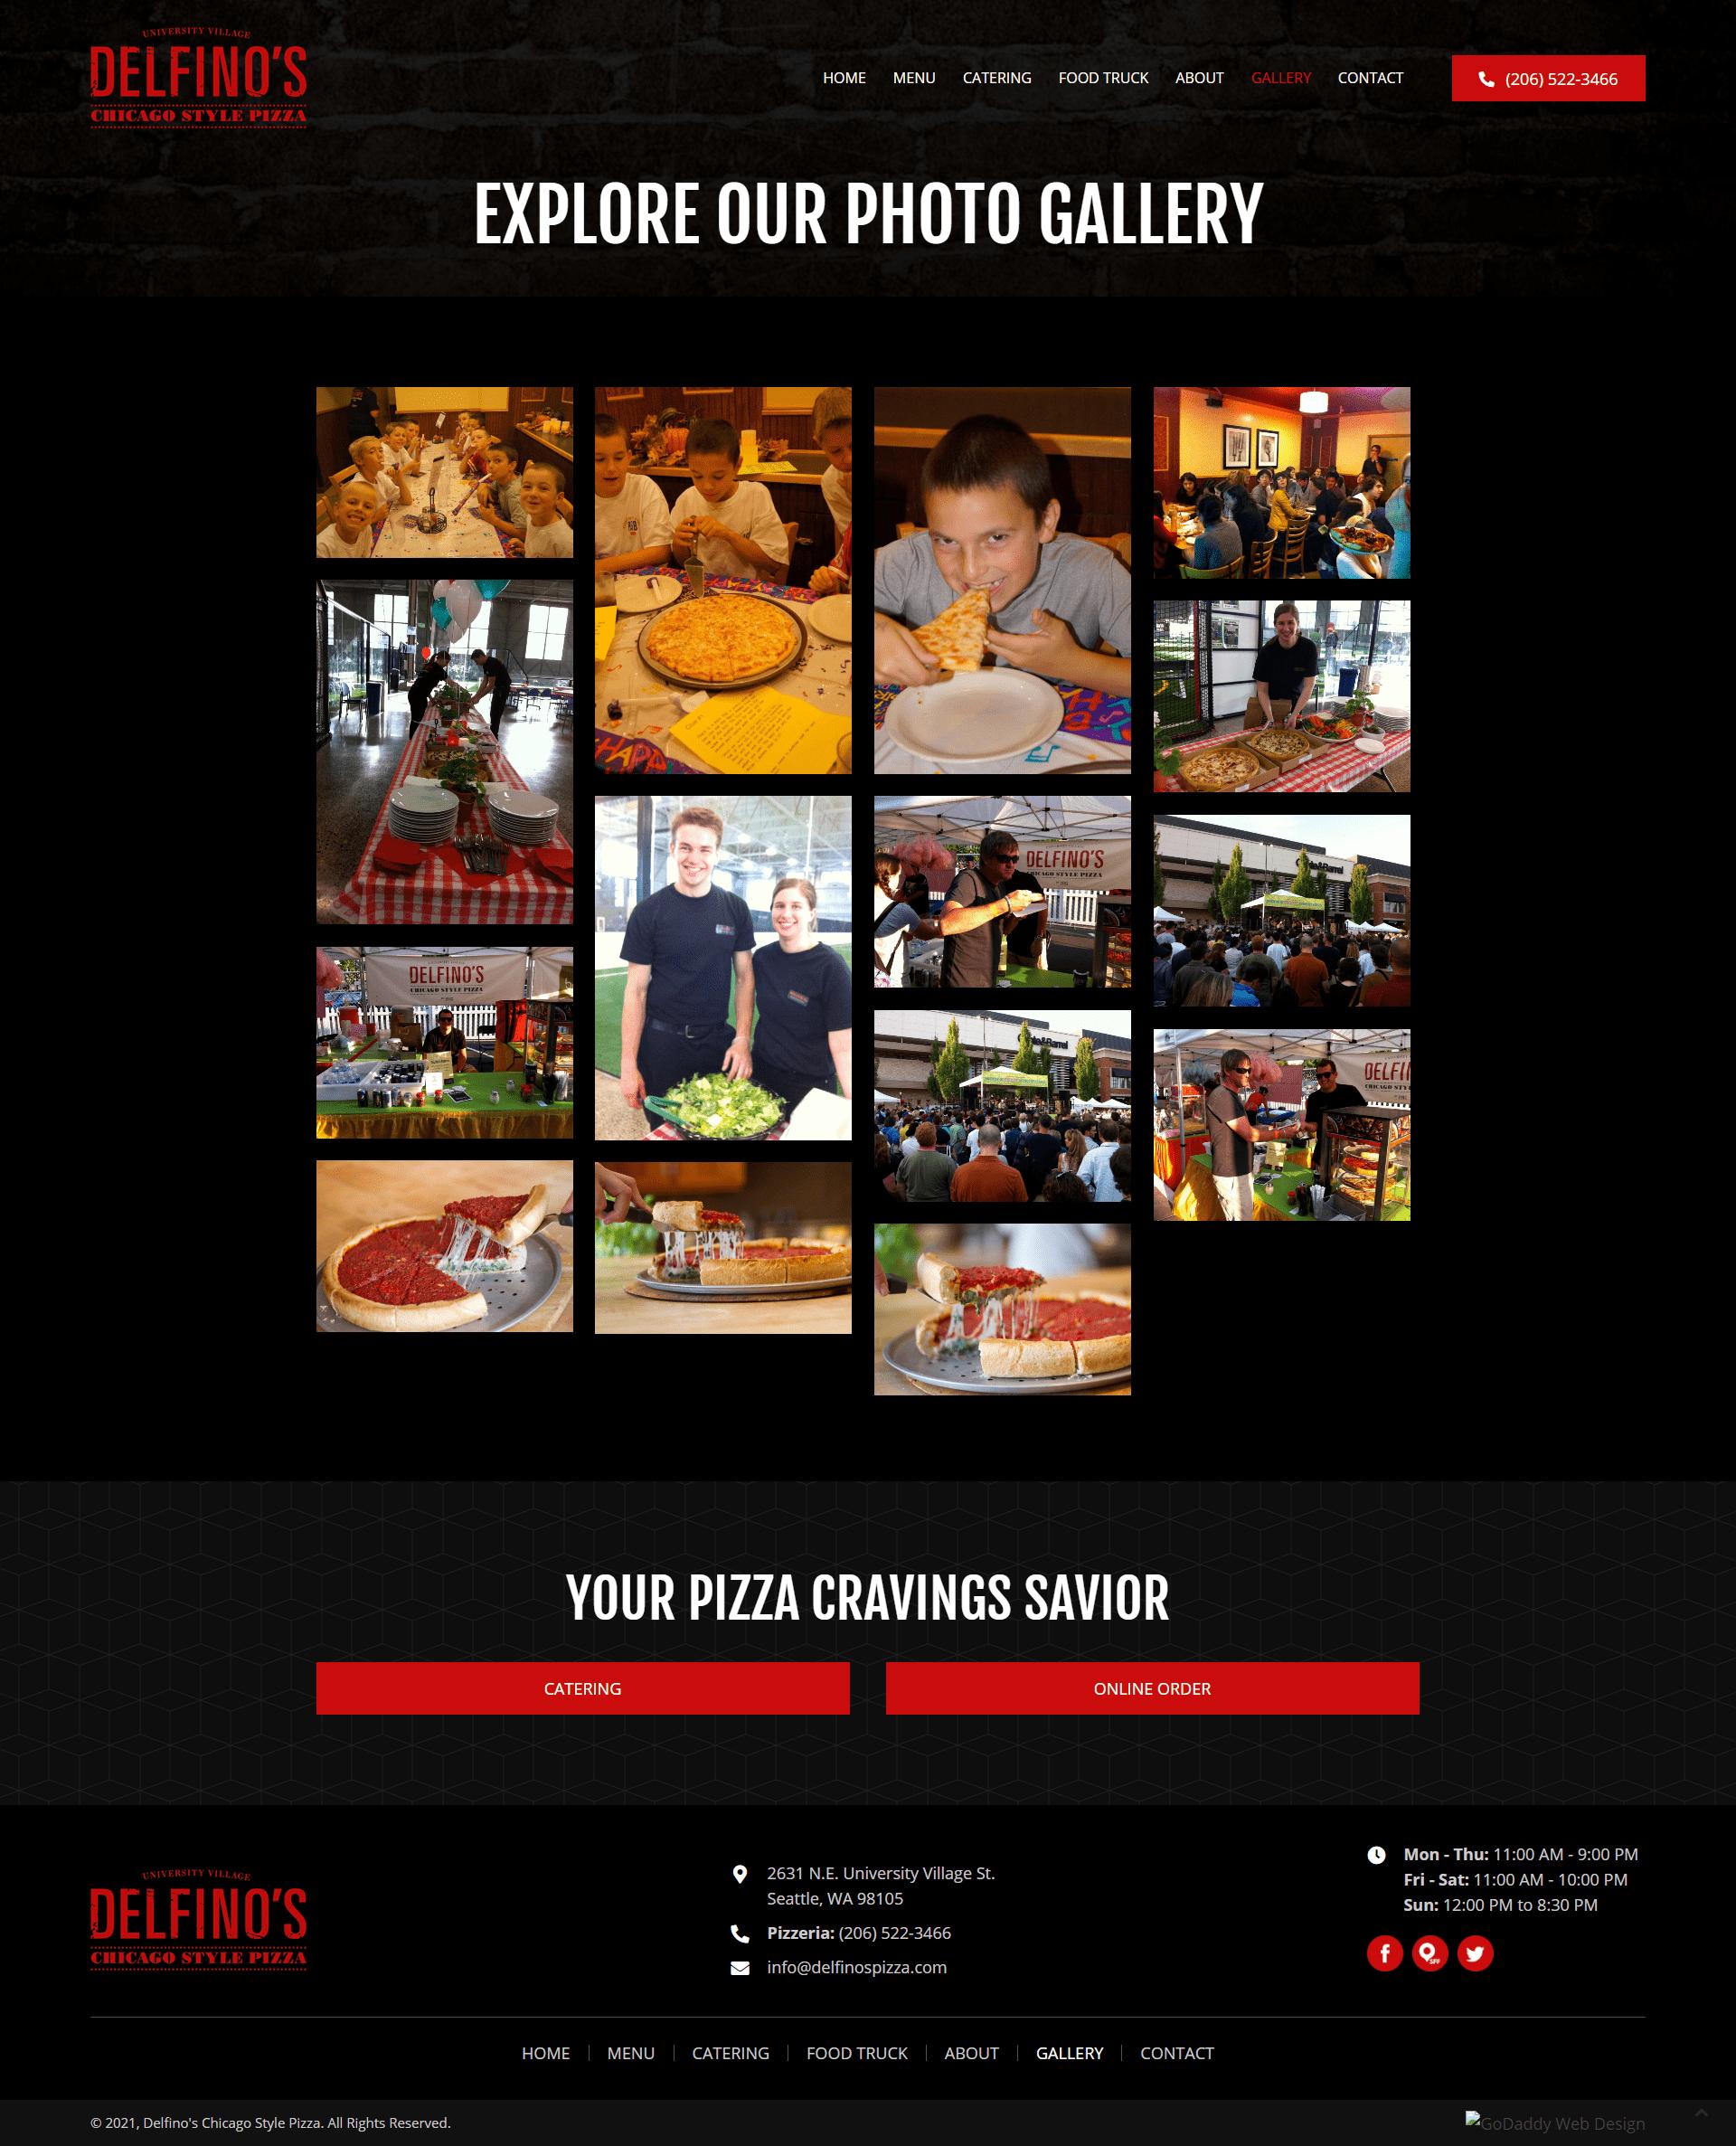 Delfino's Chicago Style Pizza Gallery